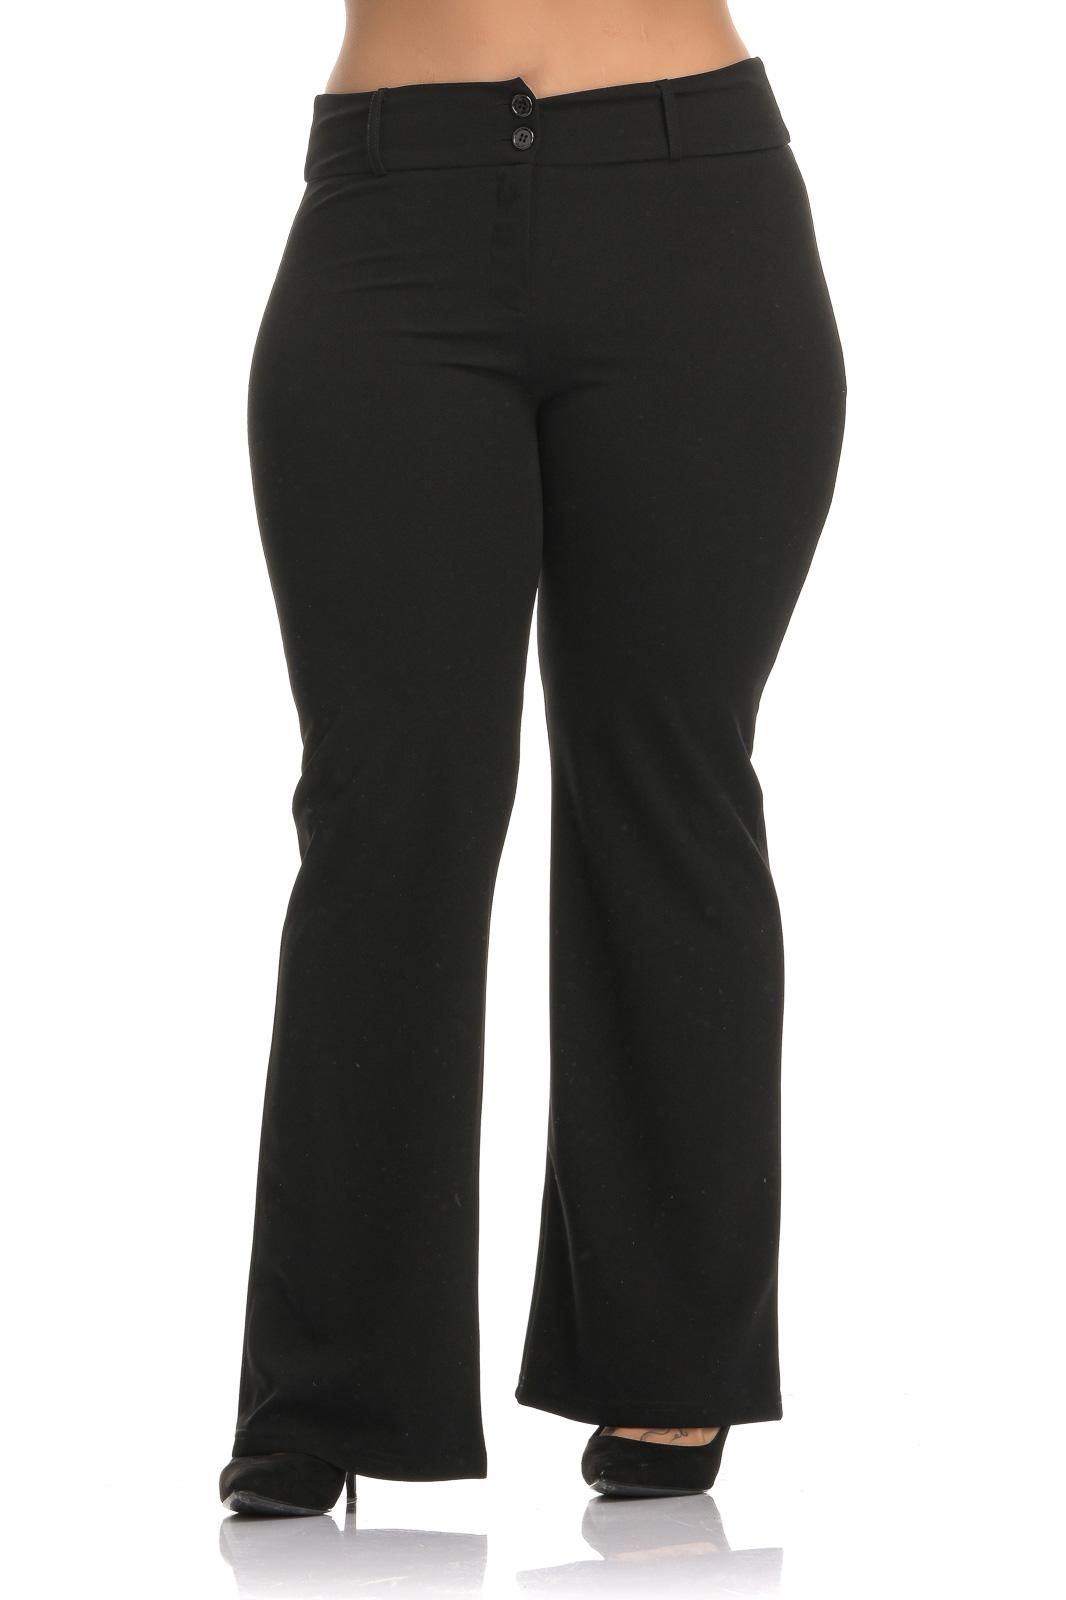 Παντελόνα κρεπ μαύρη μεγάλα μεγέθη σε ίσια γραμμή με λάστιχο στη μέση.Στο eshop μας θα βρείτε οικονομικά γυναίκεια ρούχα σε μεγάλα μεγέθη και υπερμεγέθη.